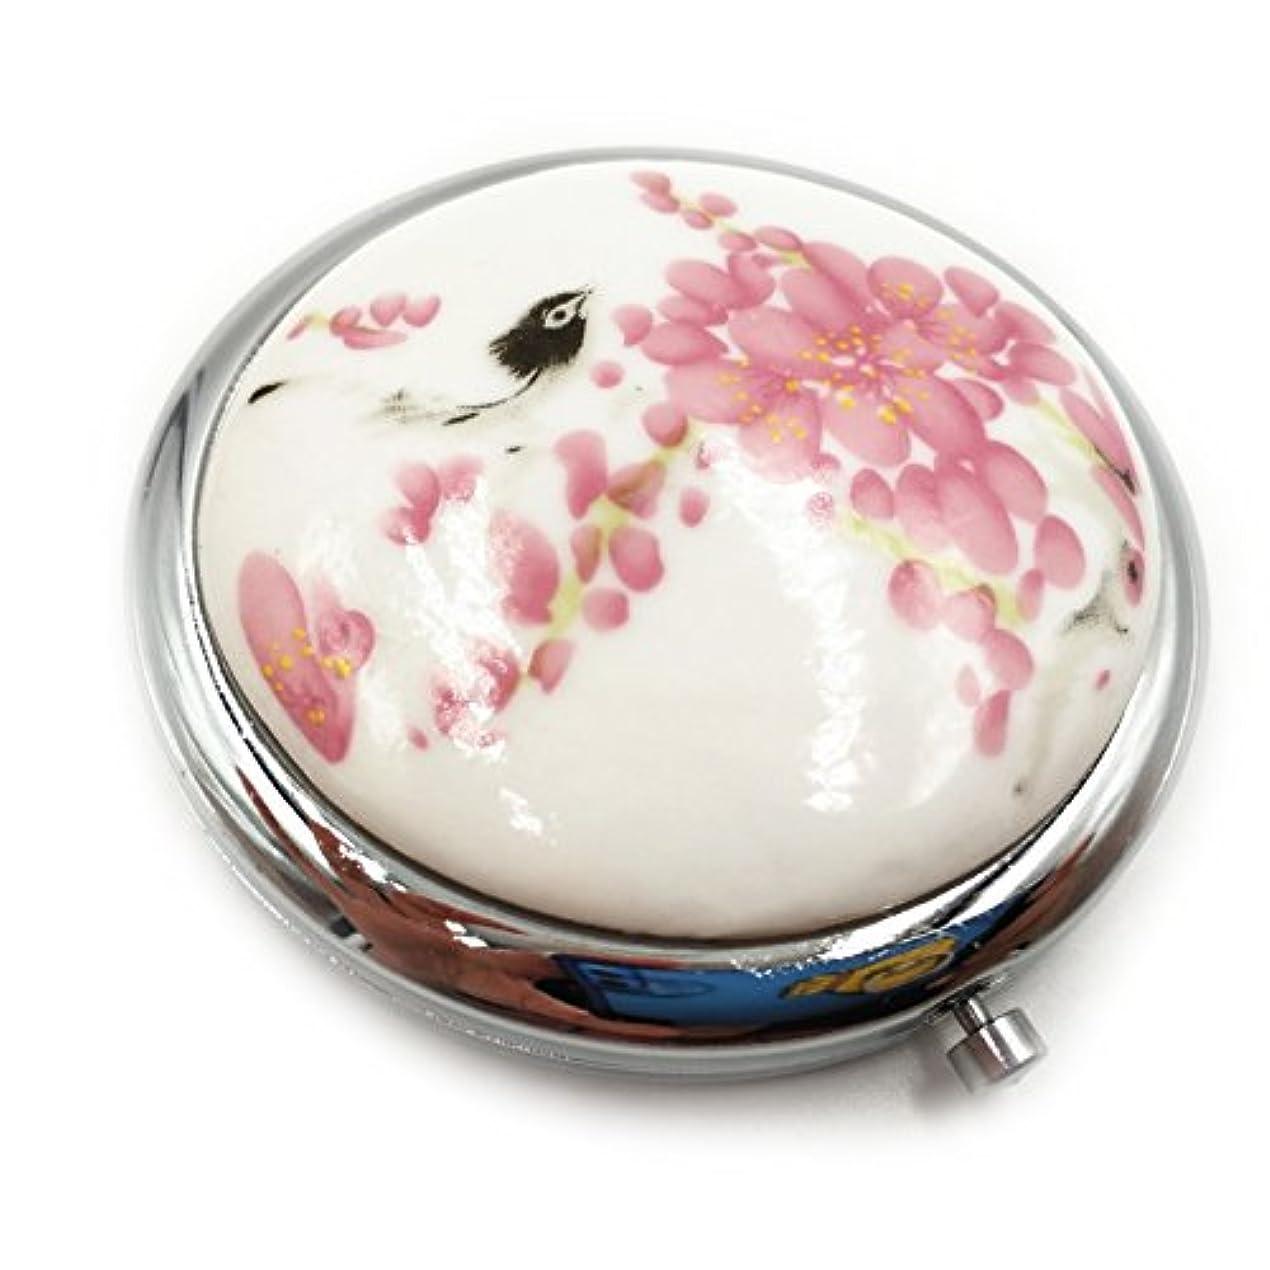 時刻表知人カトリック教徒小さな鏡のセラミック青と白の磁器は、手鏡のハンドメイドの土産物を拡大鏡でポータブルの洗面化粧鏡を両面バッグポケット用かわいい鏡中国スタイルの小さなもの